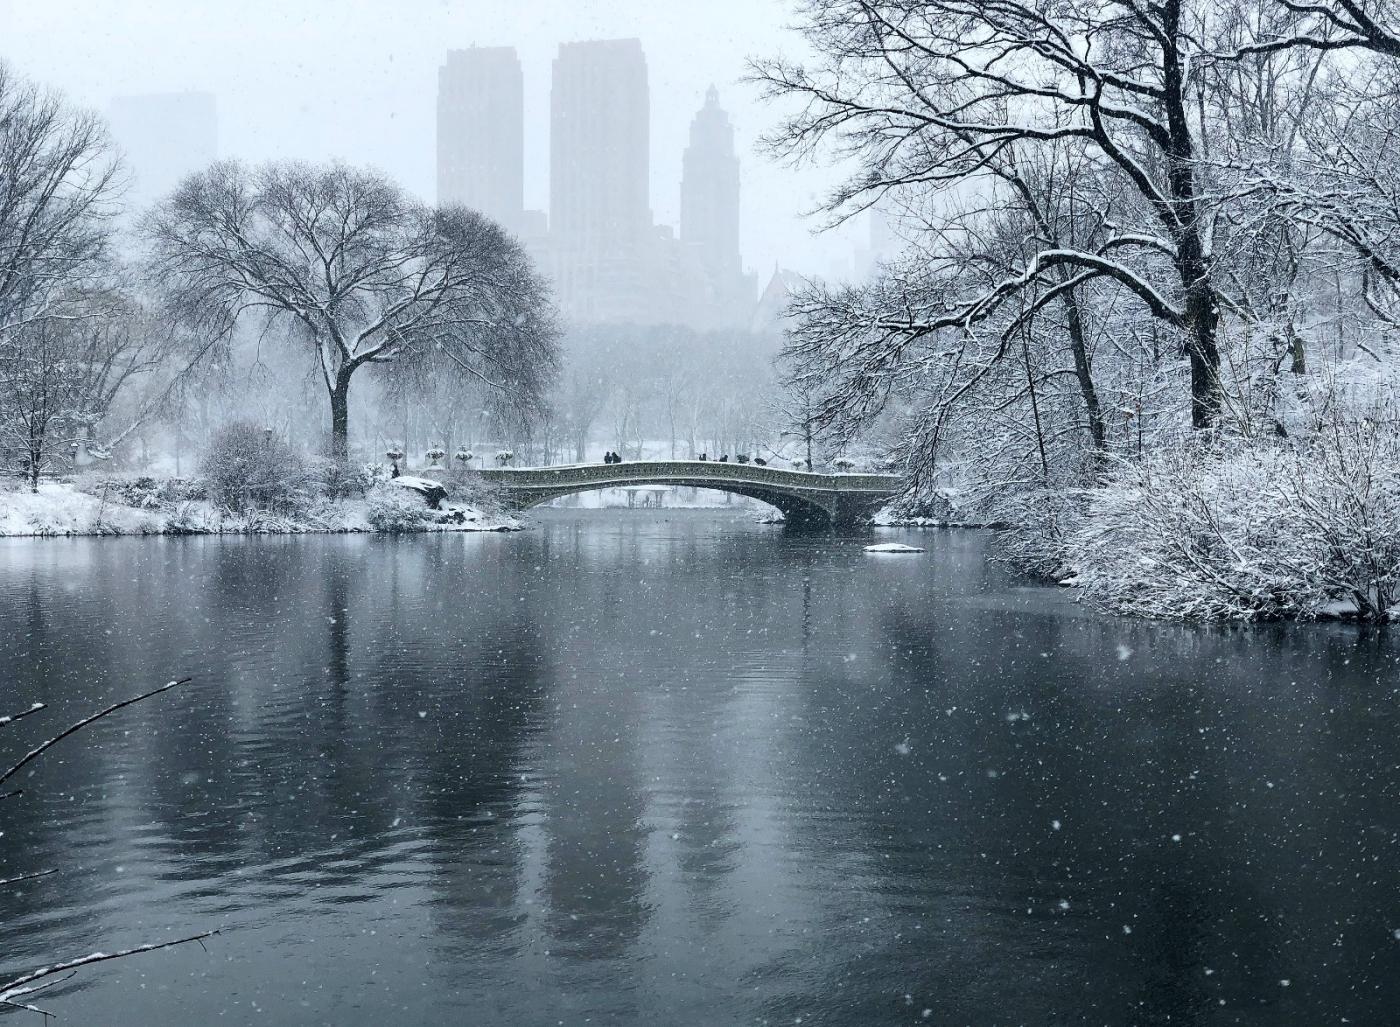 【田螺手机摄影】在纽约市拍雪景、还是中央公园最漂亮_图1-7